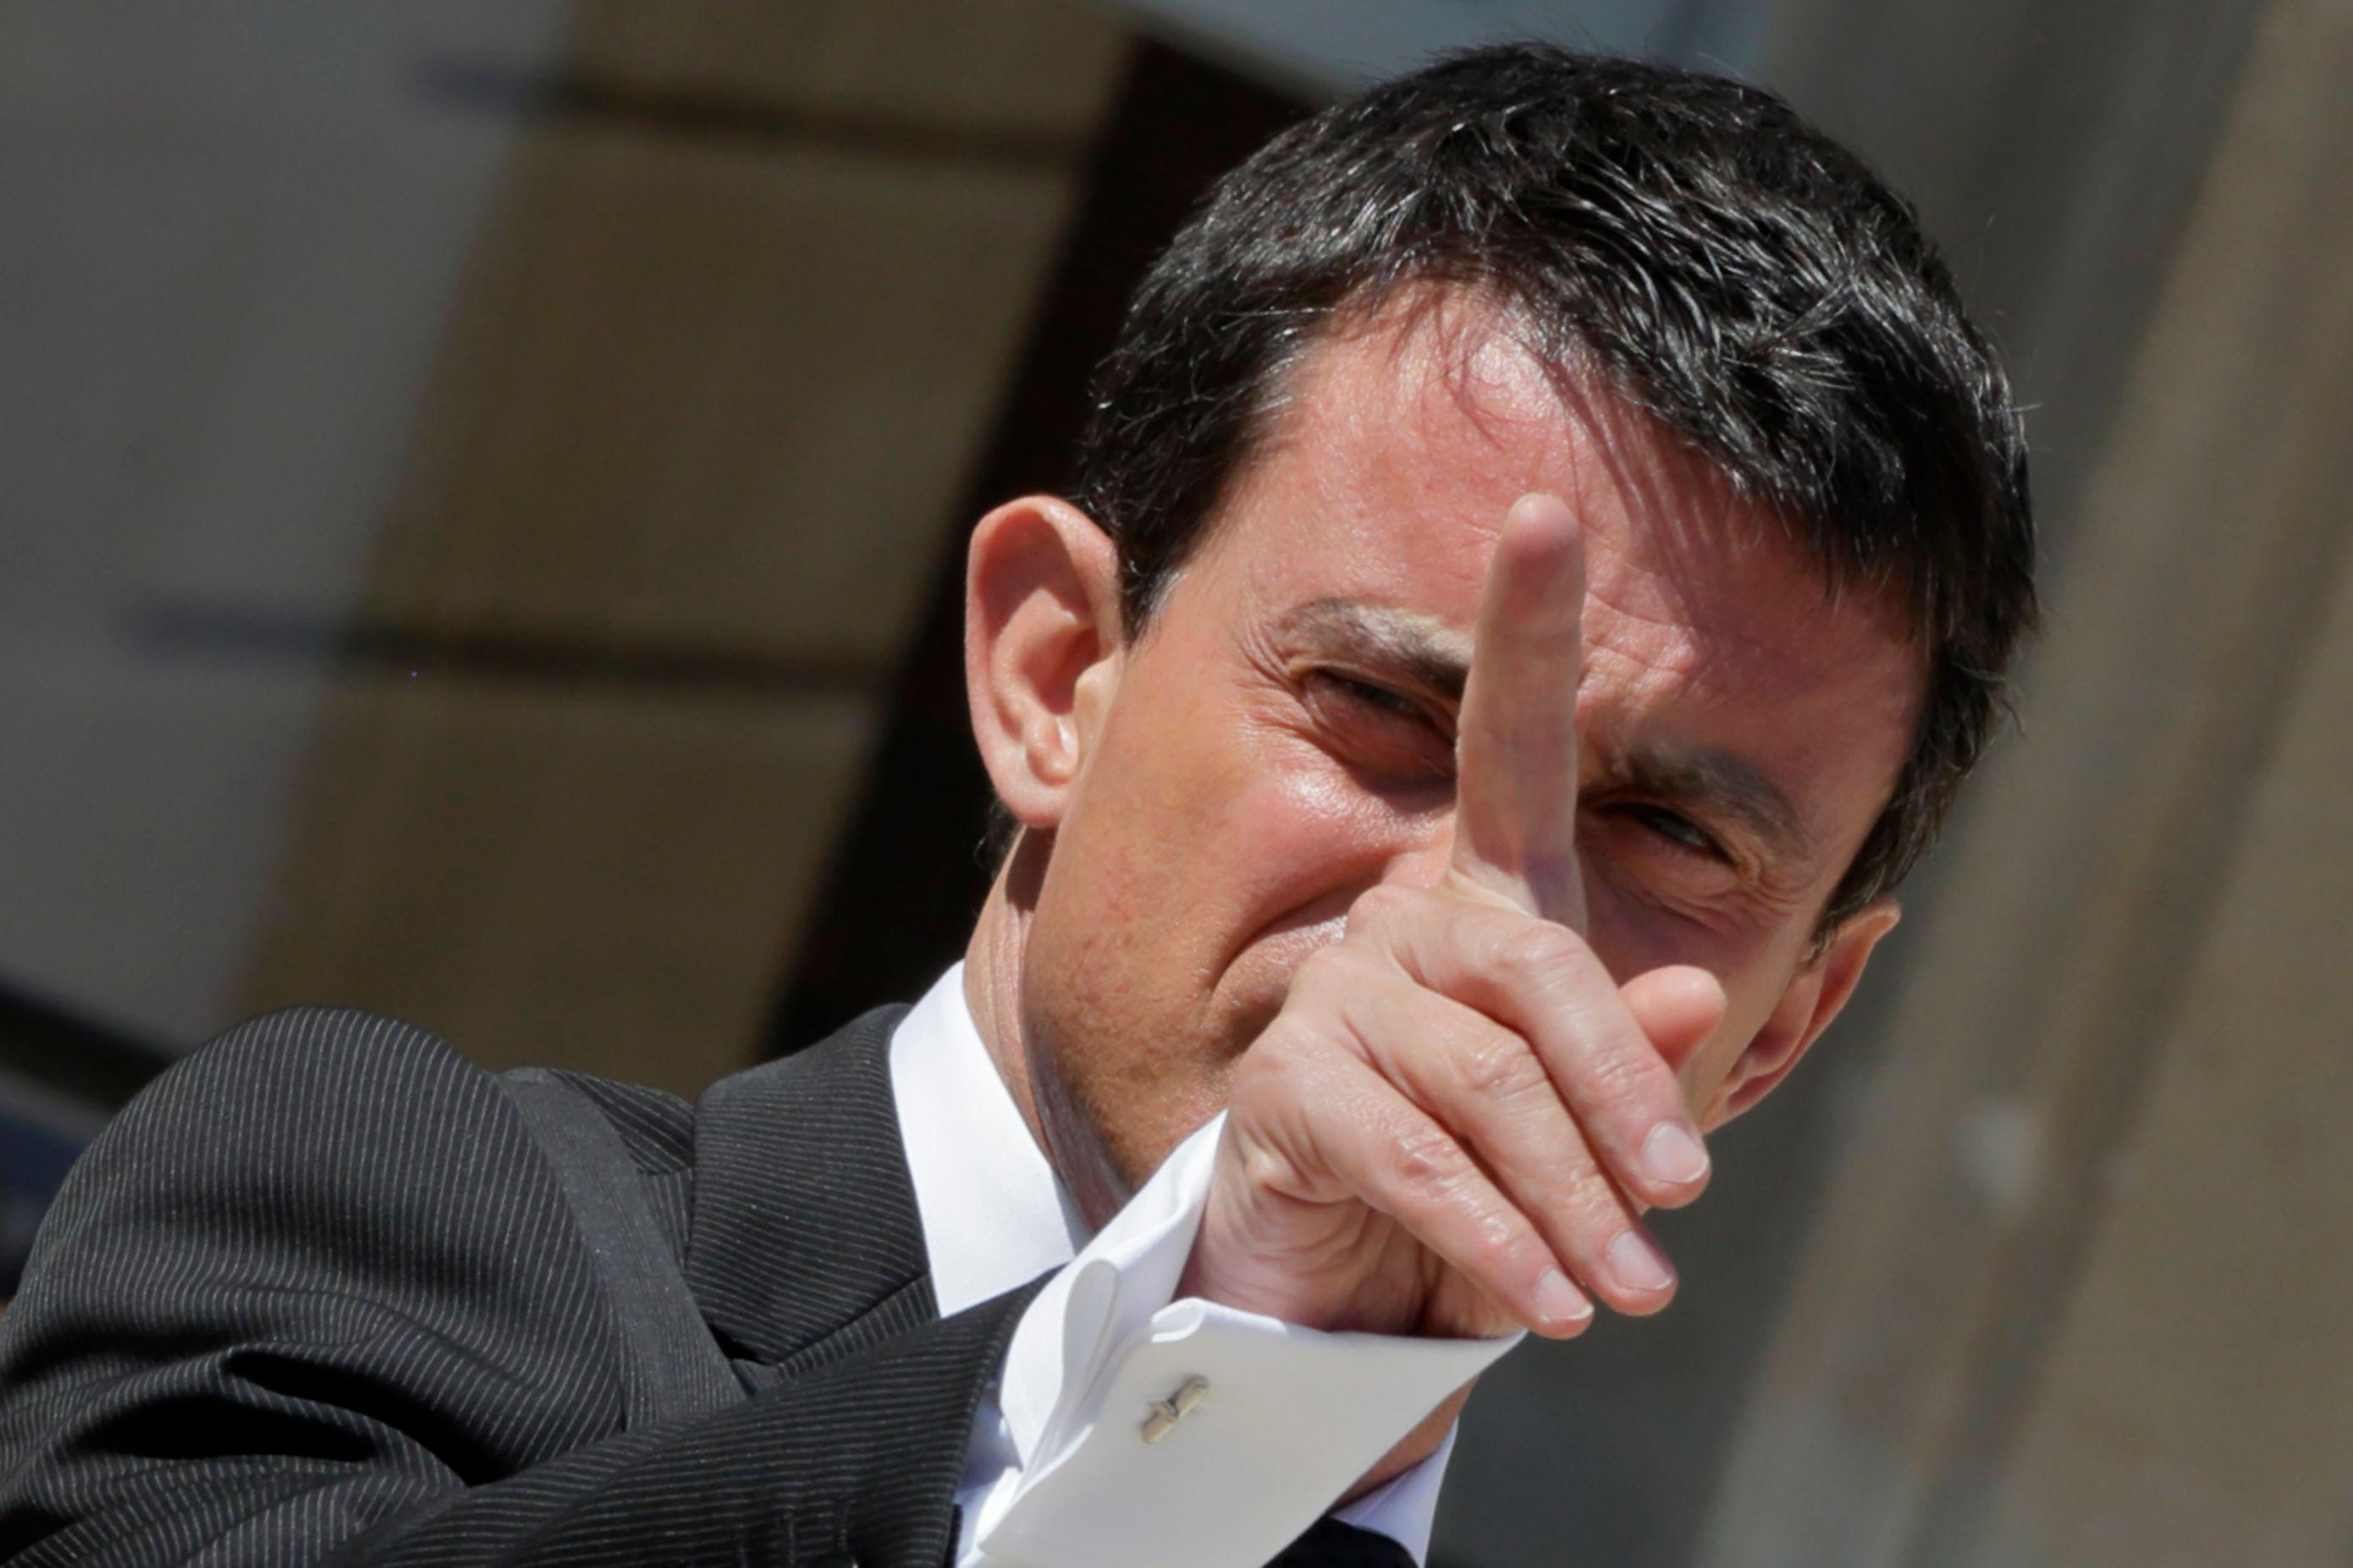 Manuel Valls prévoit d'être élu président de la République en 2022 après le deuxième mandat de François Hollande